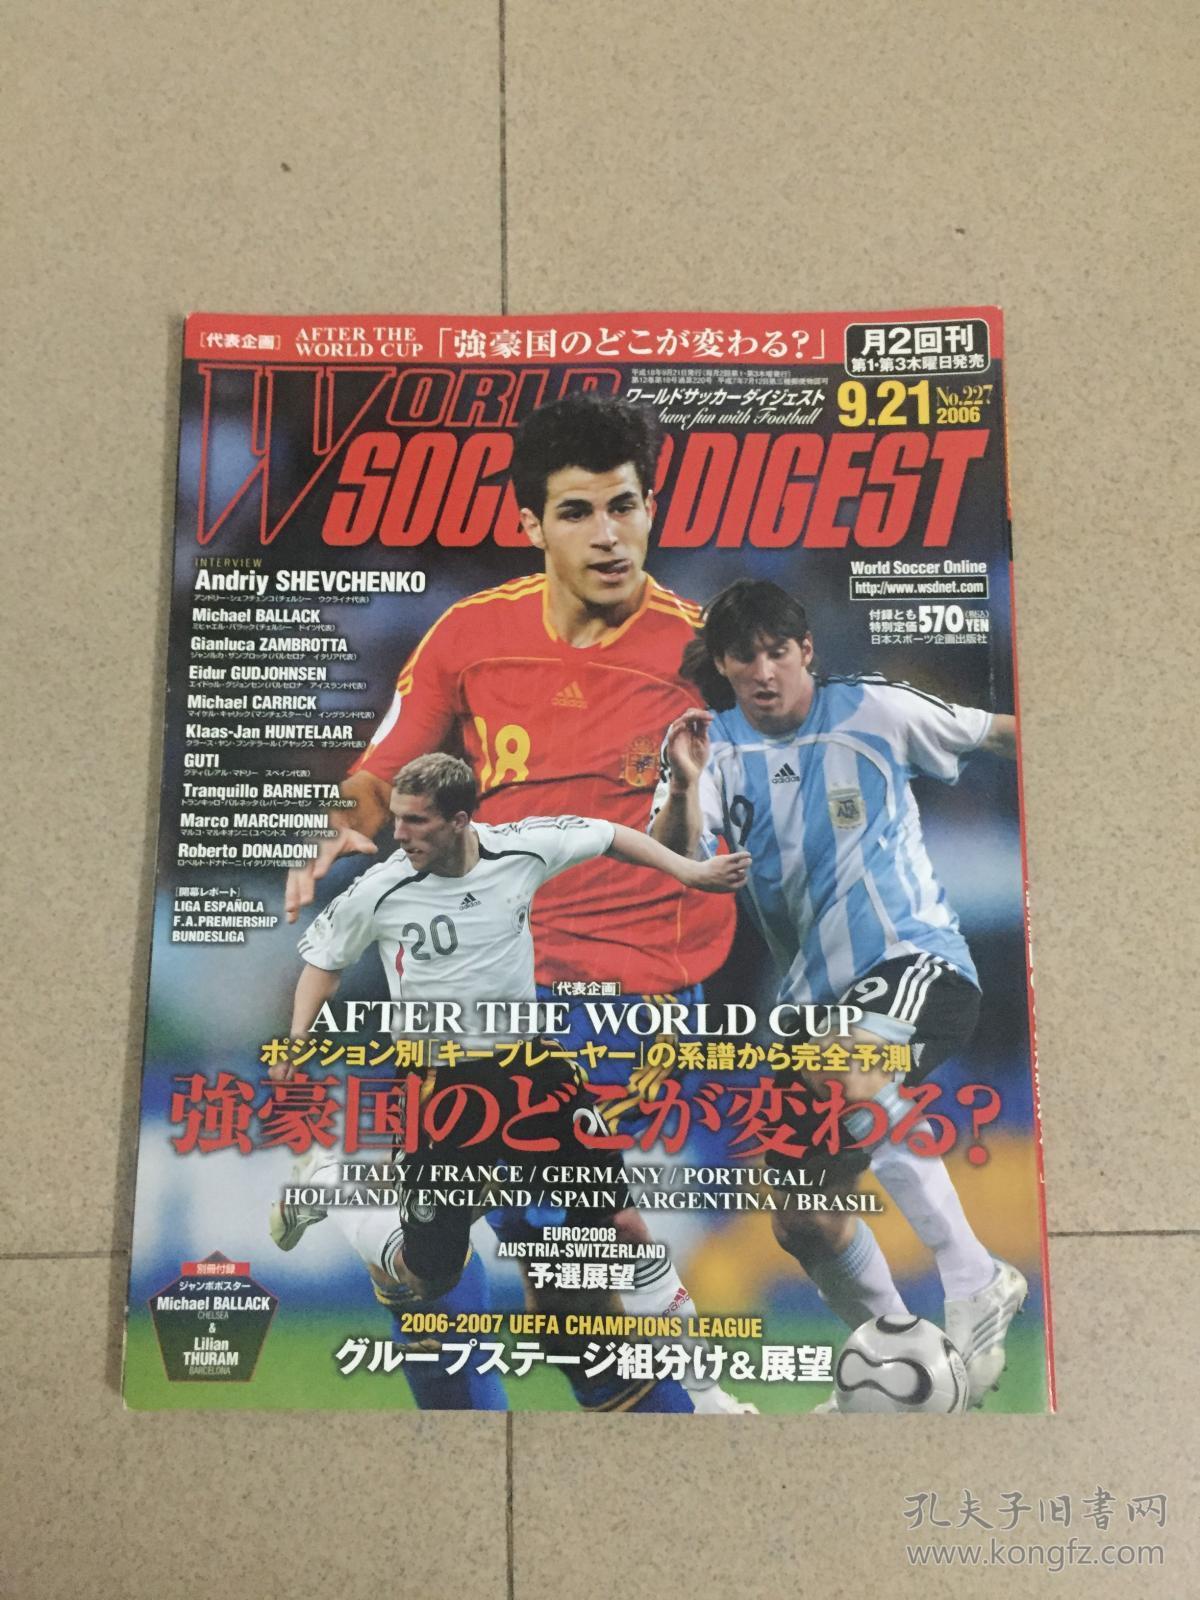 日本原版足球杂志《世界足球文摘》2006年9月